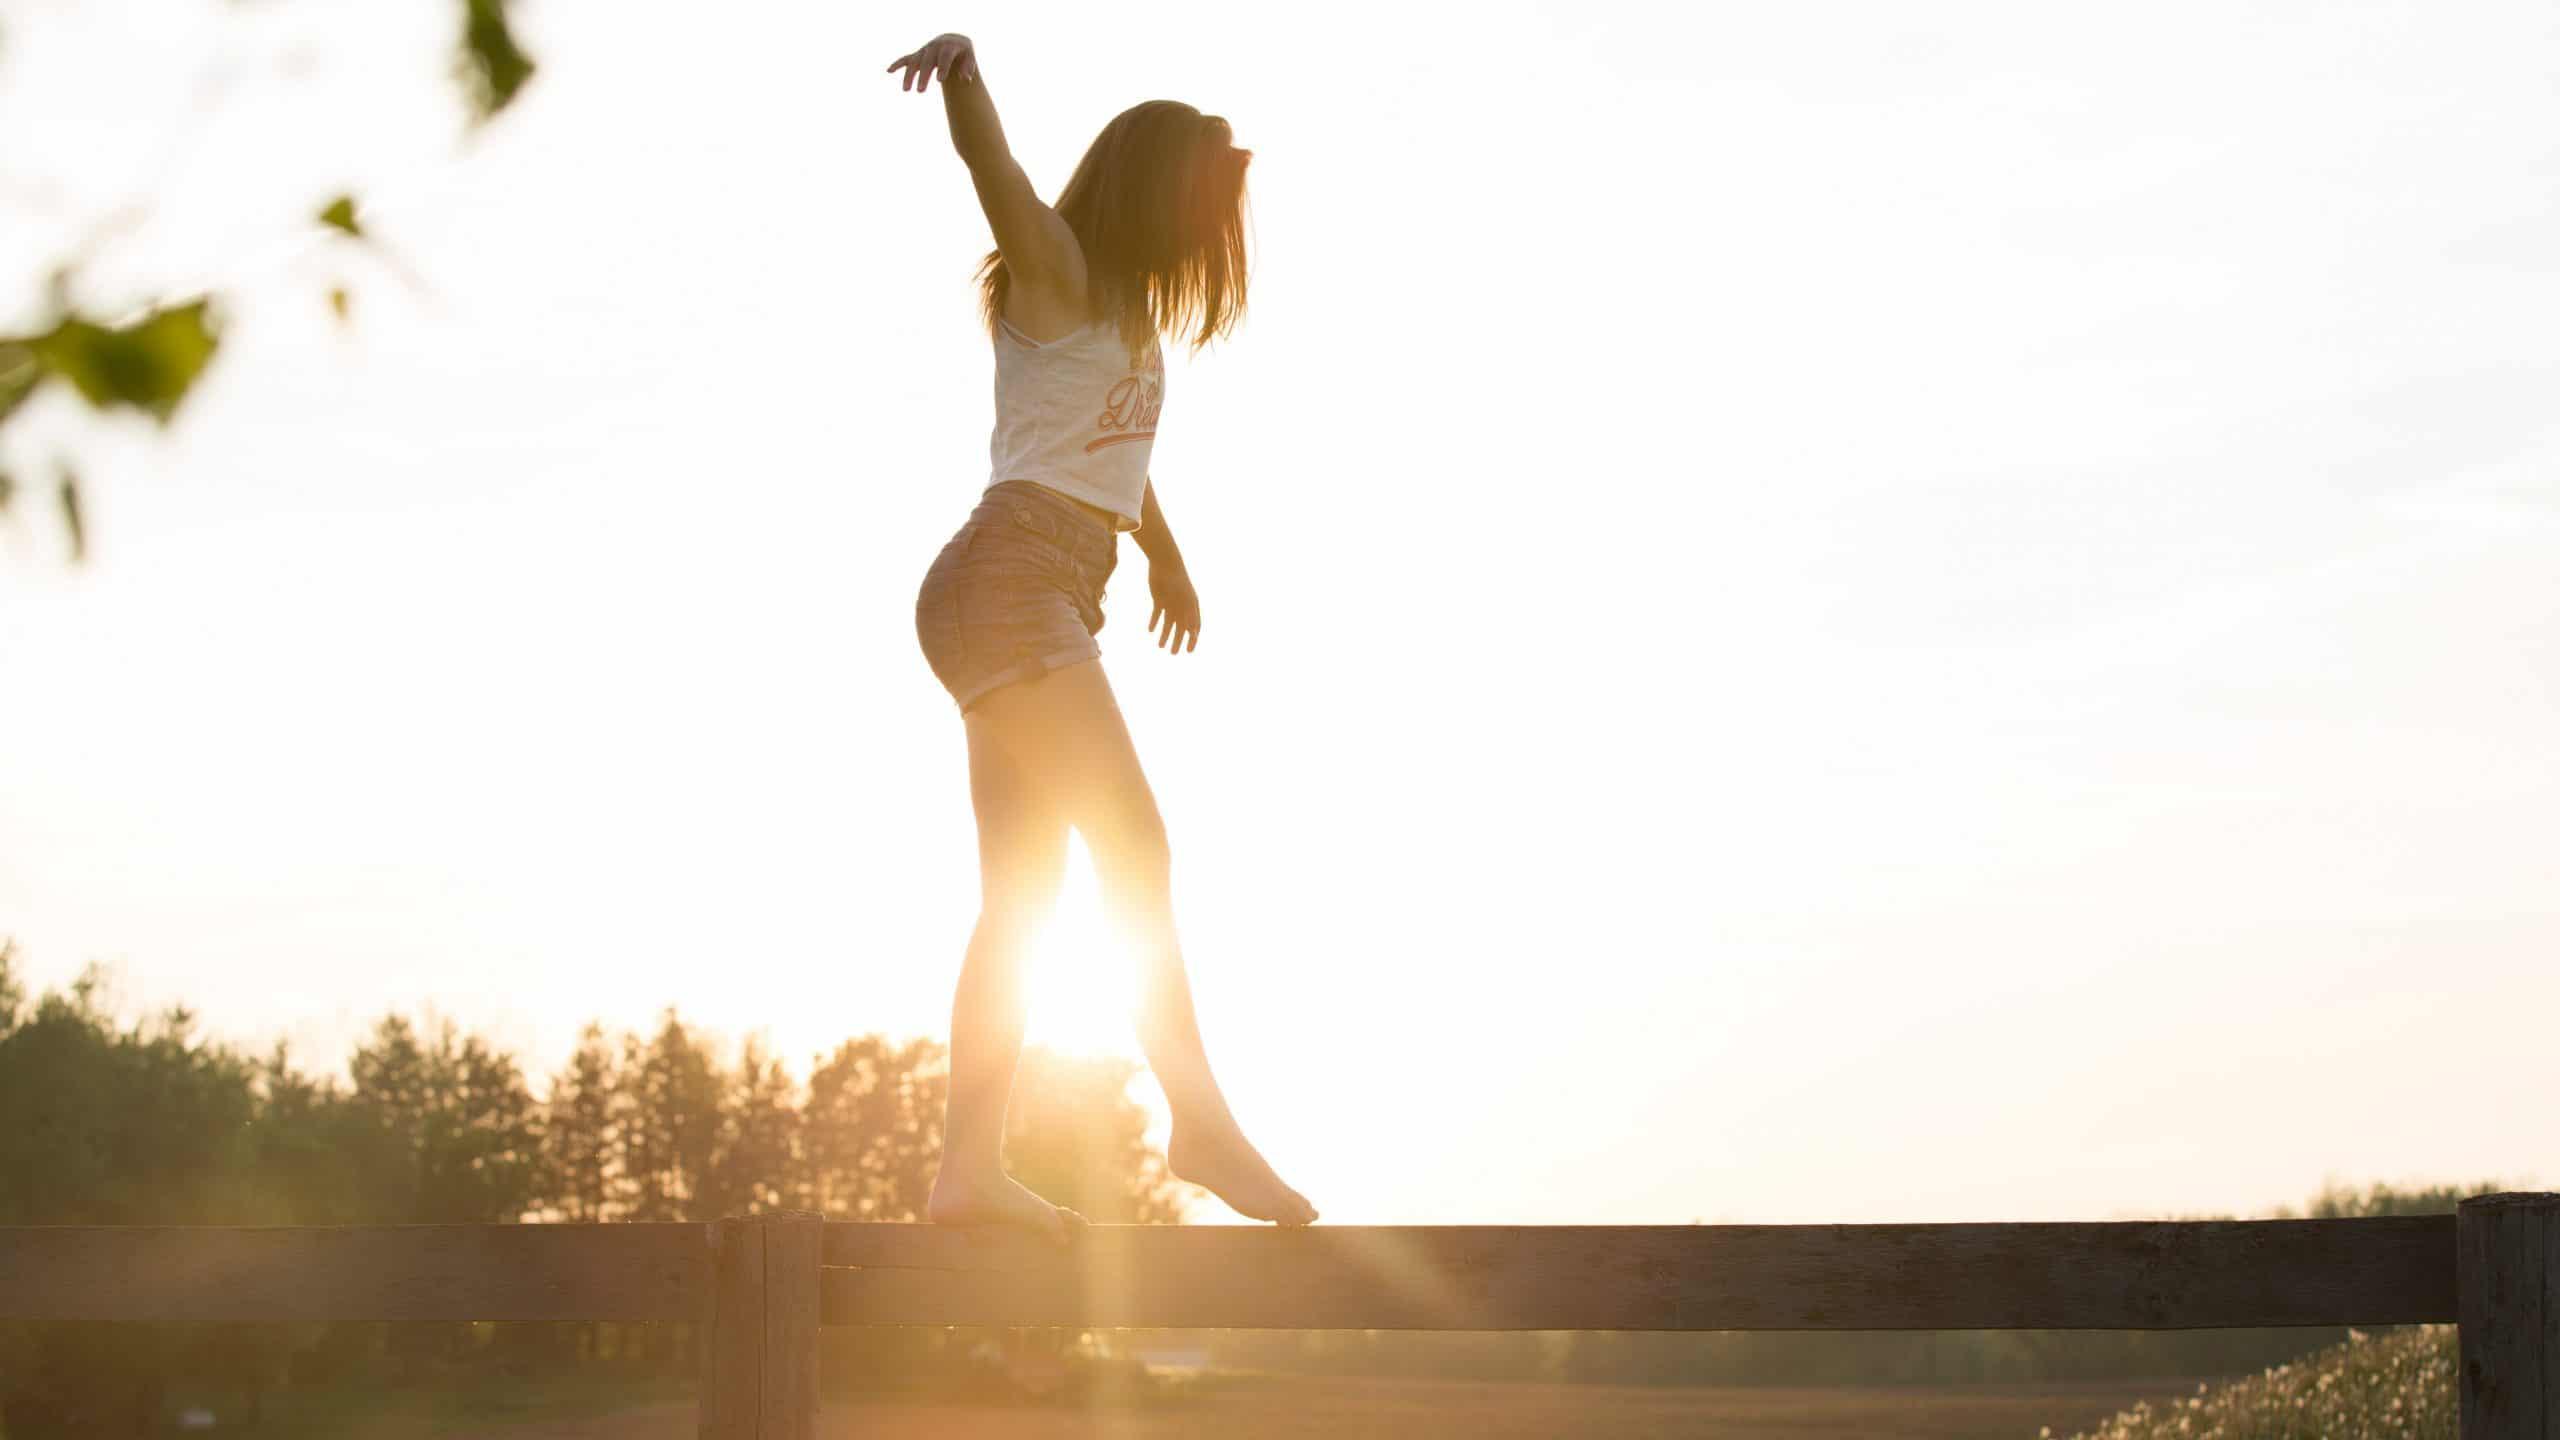 Menina se equilibrando em uma pequena mureta com o sol no horizonte.